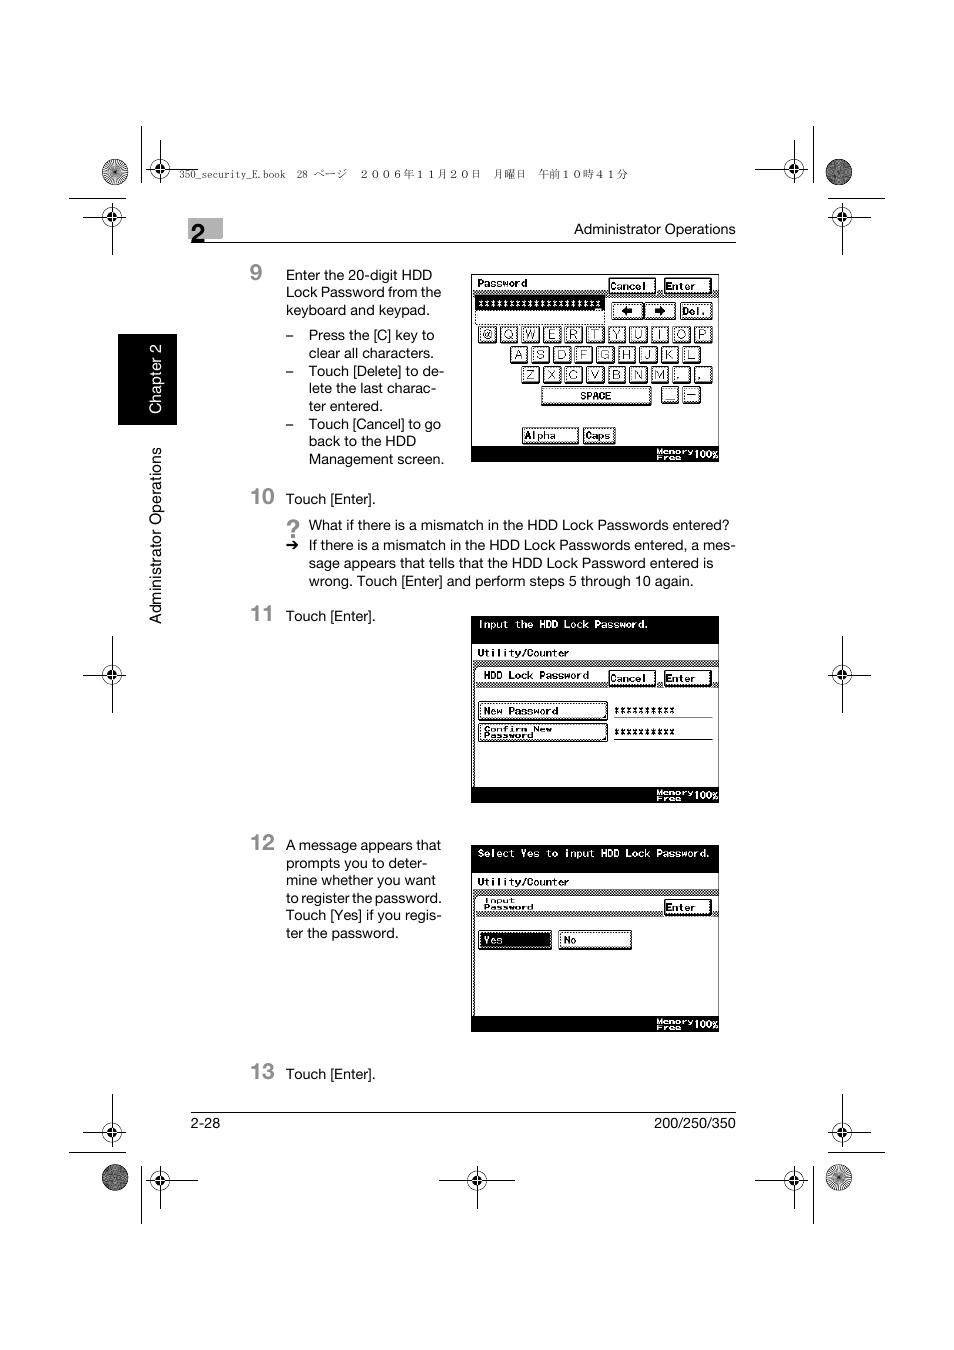 konica minolta bizhub 200 user manual page 45 90 original mode rh manualsdir com Bizhub 200 Toner bizhub 200 user manual